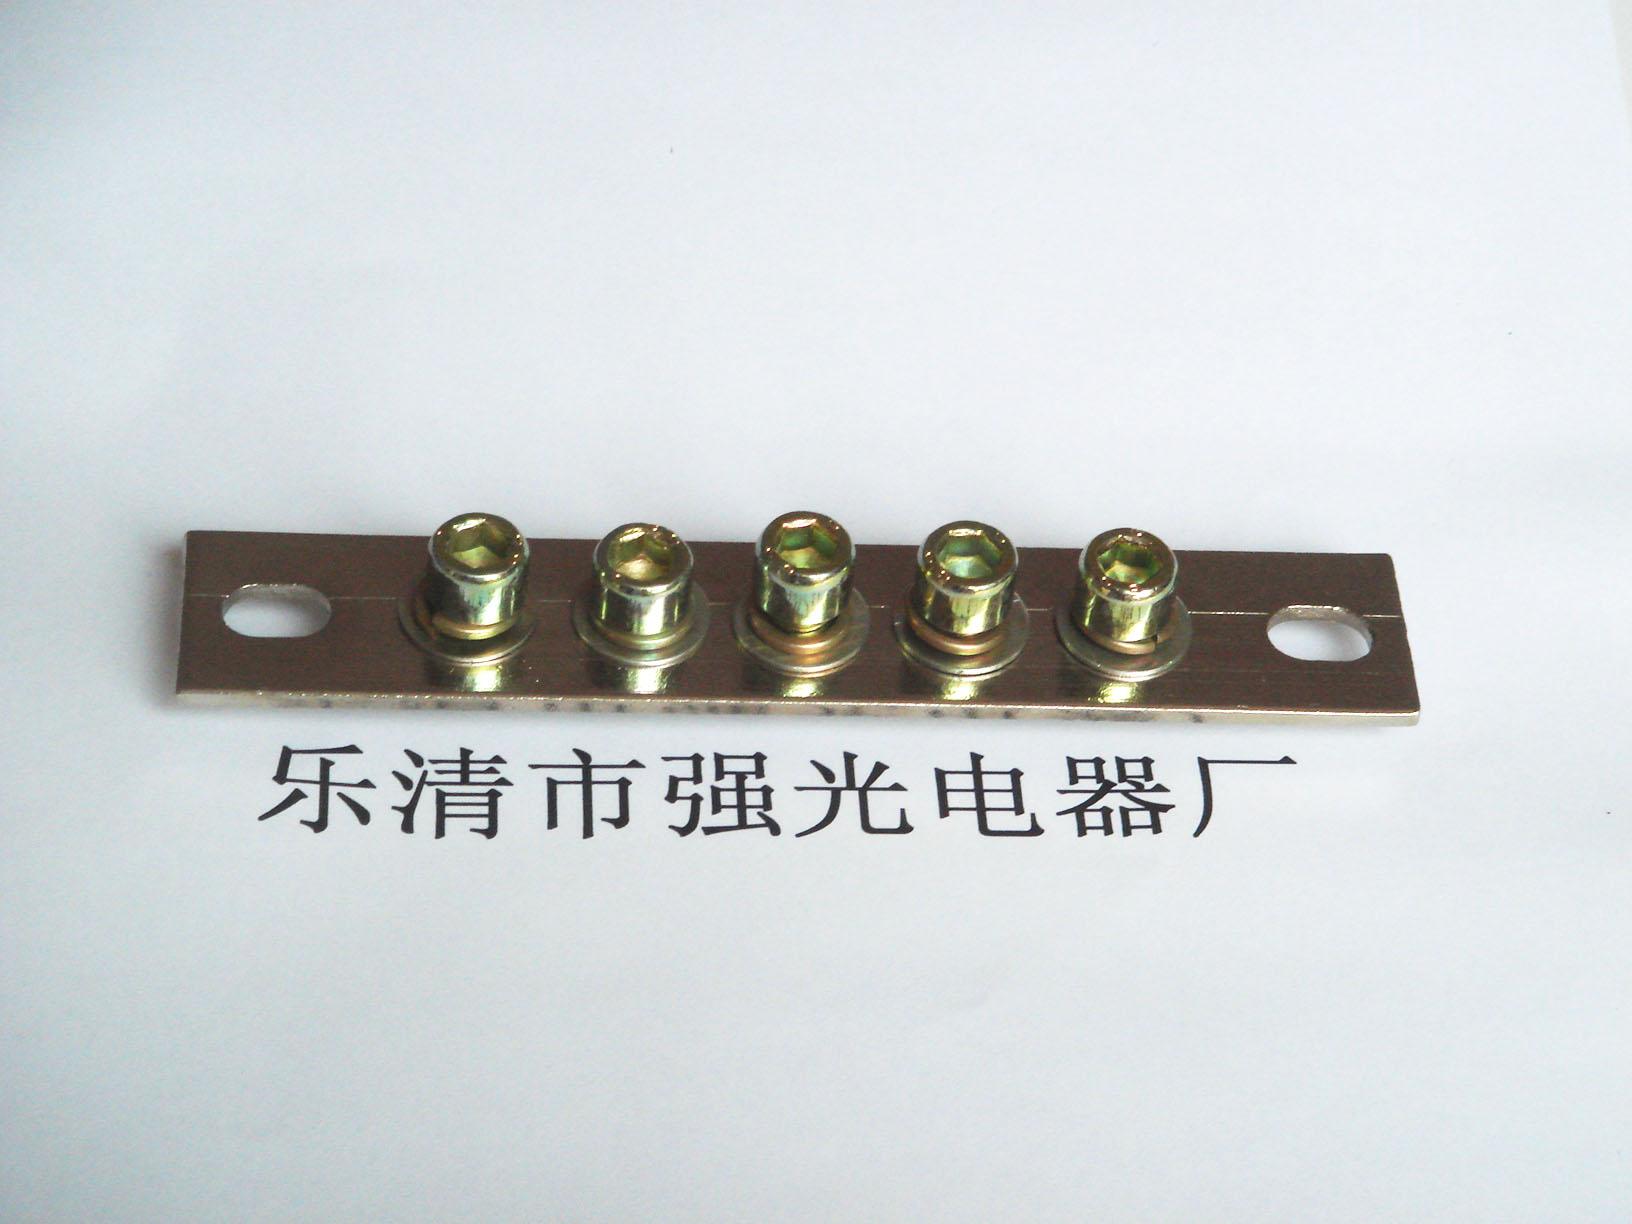 接线铜排xp0325a-5位 接线端子 铜端子